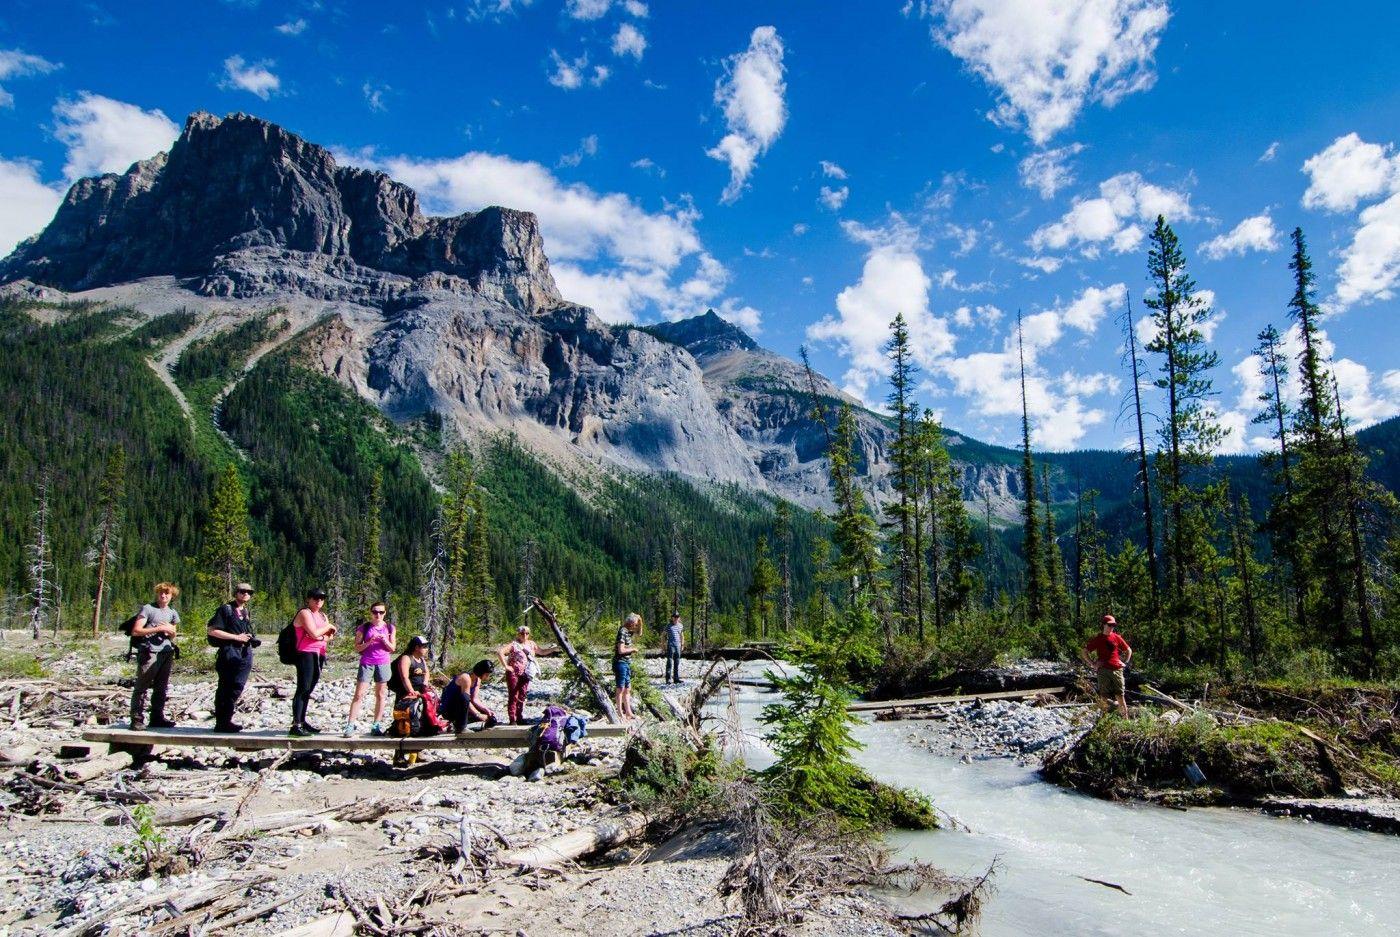 Yoho national park wandern kleine gruppen wandern in den rocky mountainszoom image